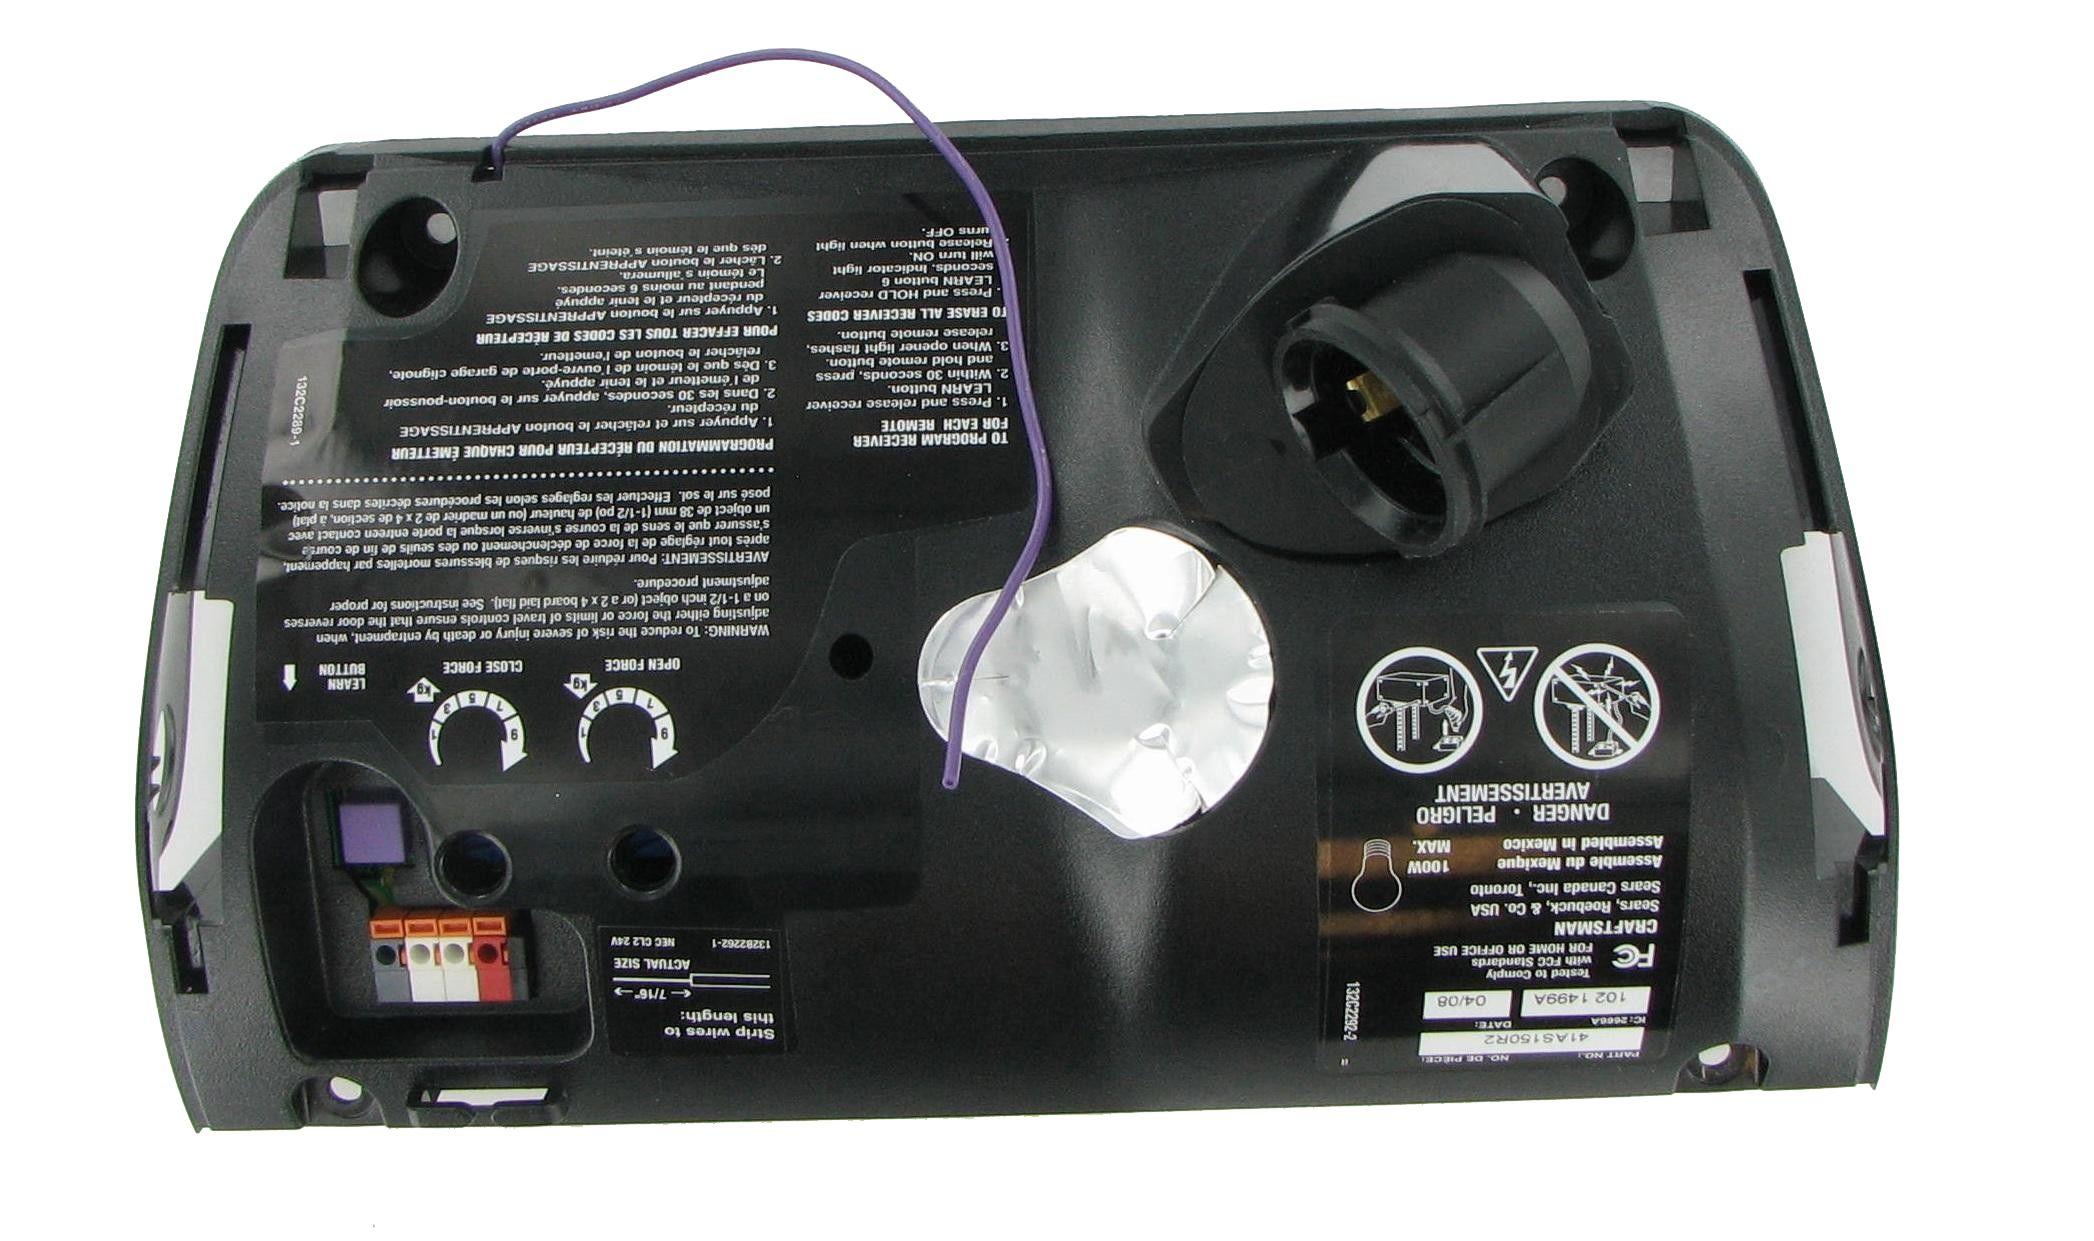 Chamberlain 41as150r2 Home Garage Door Opener Logic Board Chamberlain Garage Door Garage Doors Garage Door Opener Remote